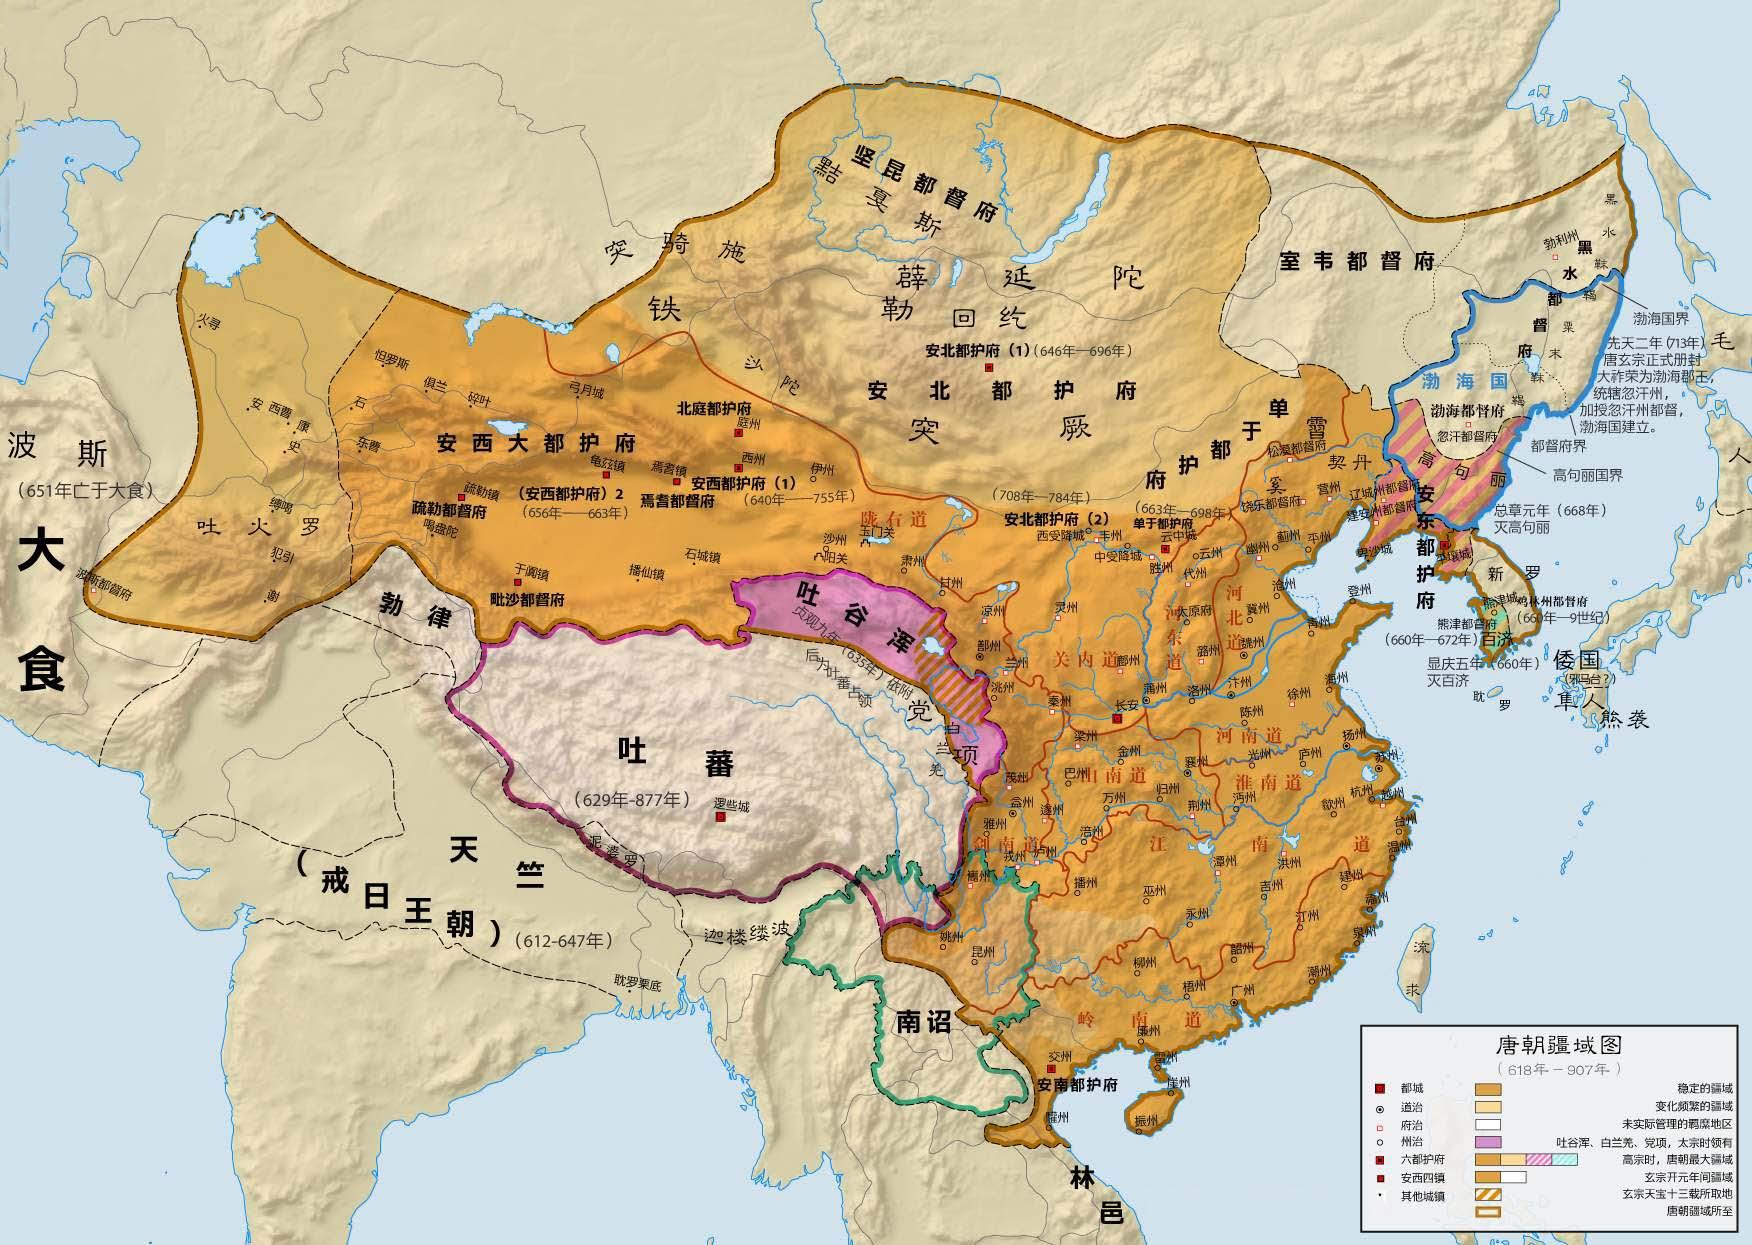 唐朝疆域图